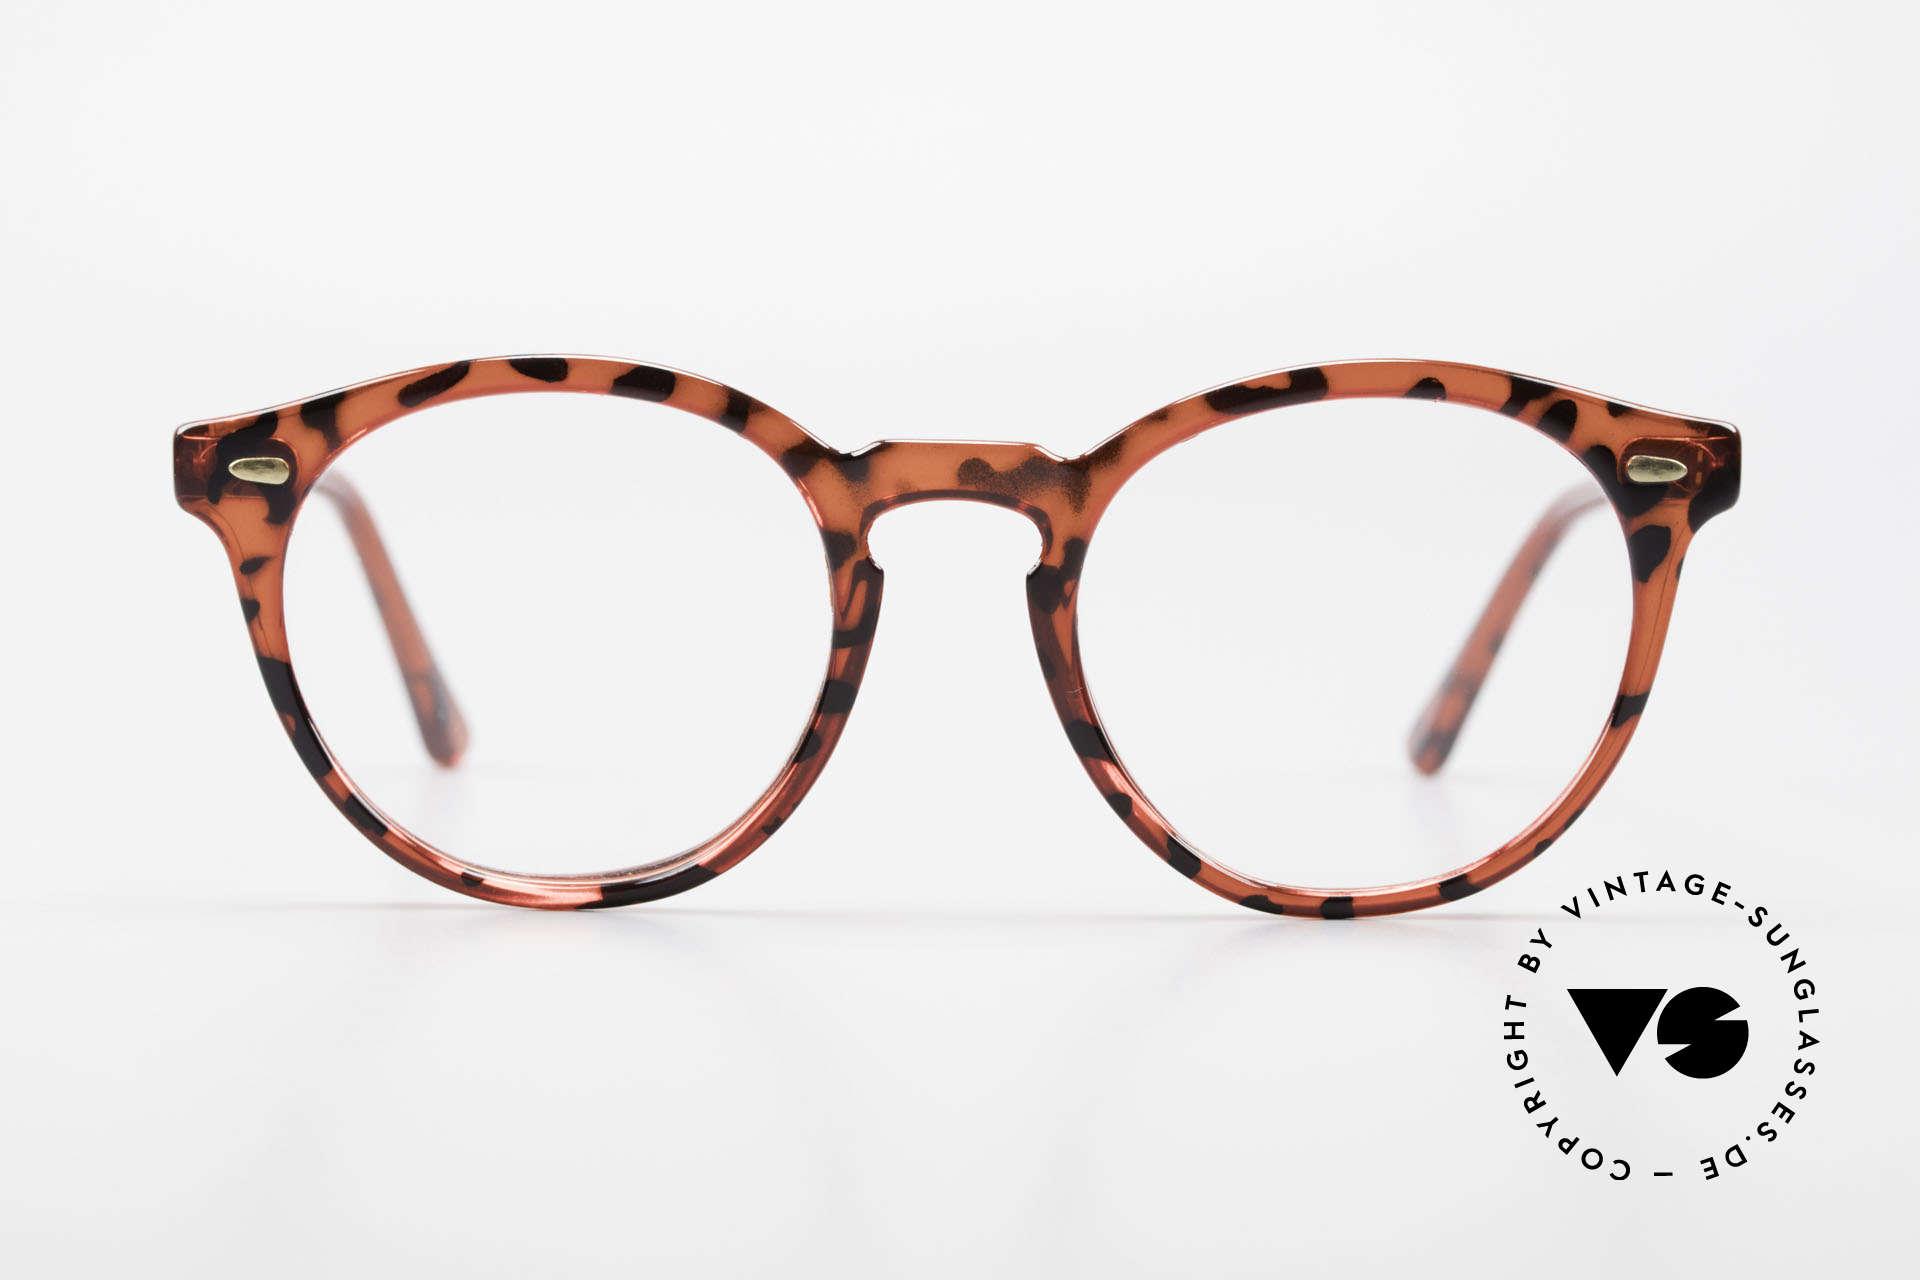 Carrera 5256 Clip Panto Brille Johnny Depp Stil, Größe: small, Passend für Herren und Damen